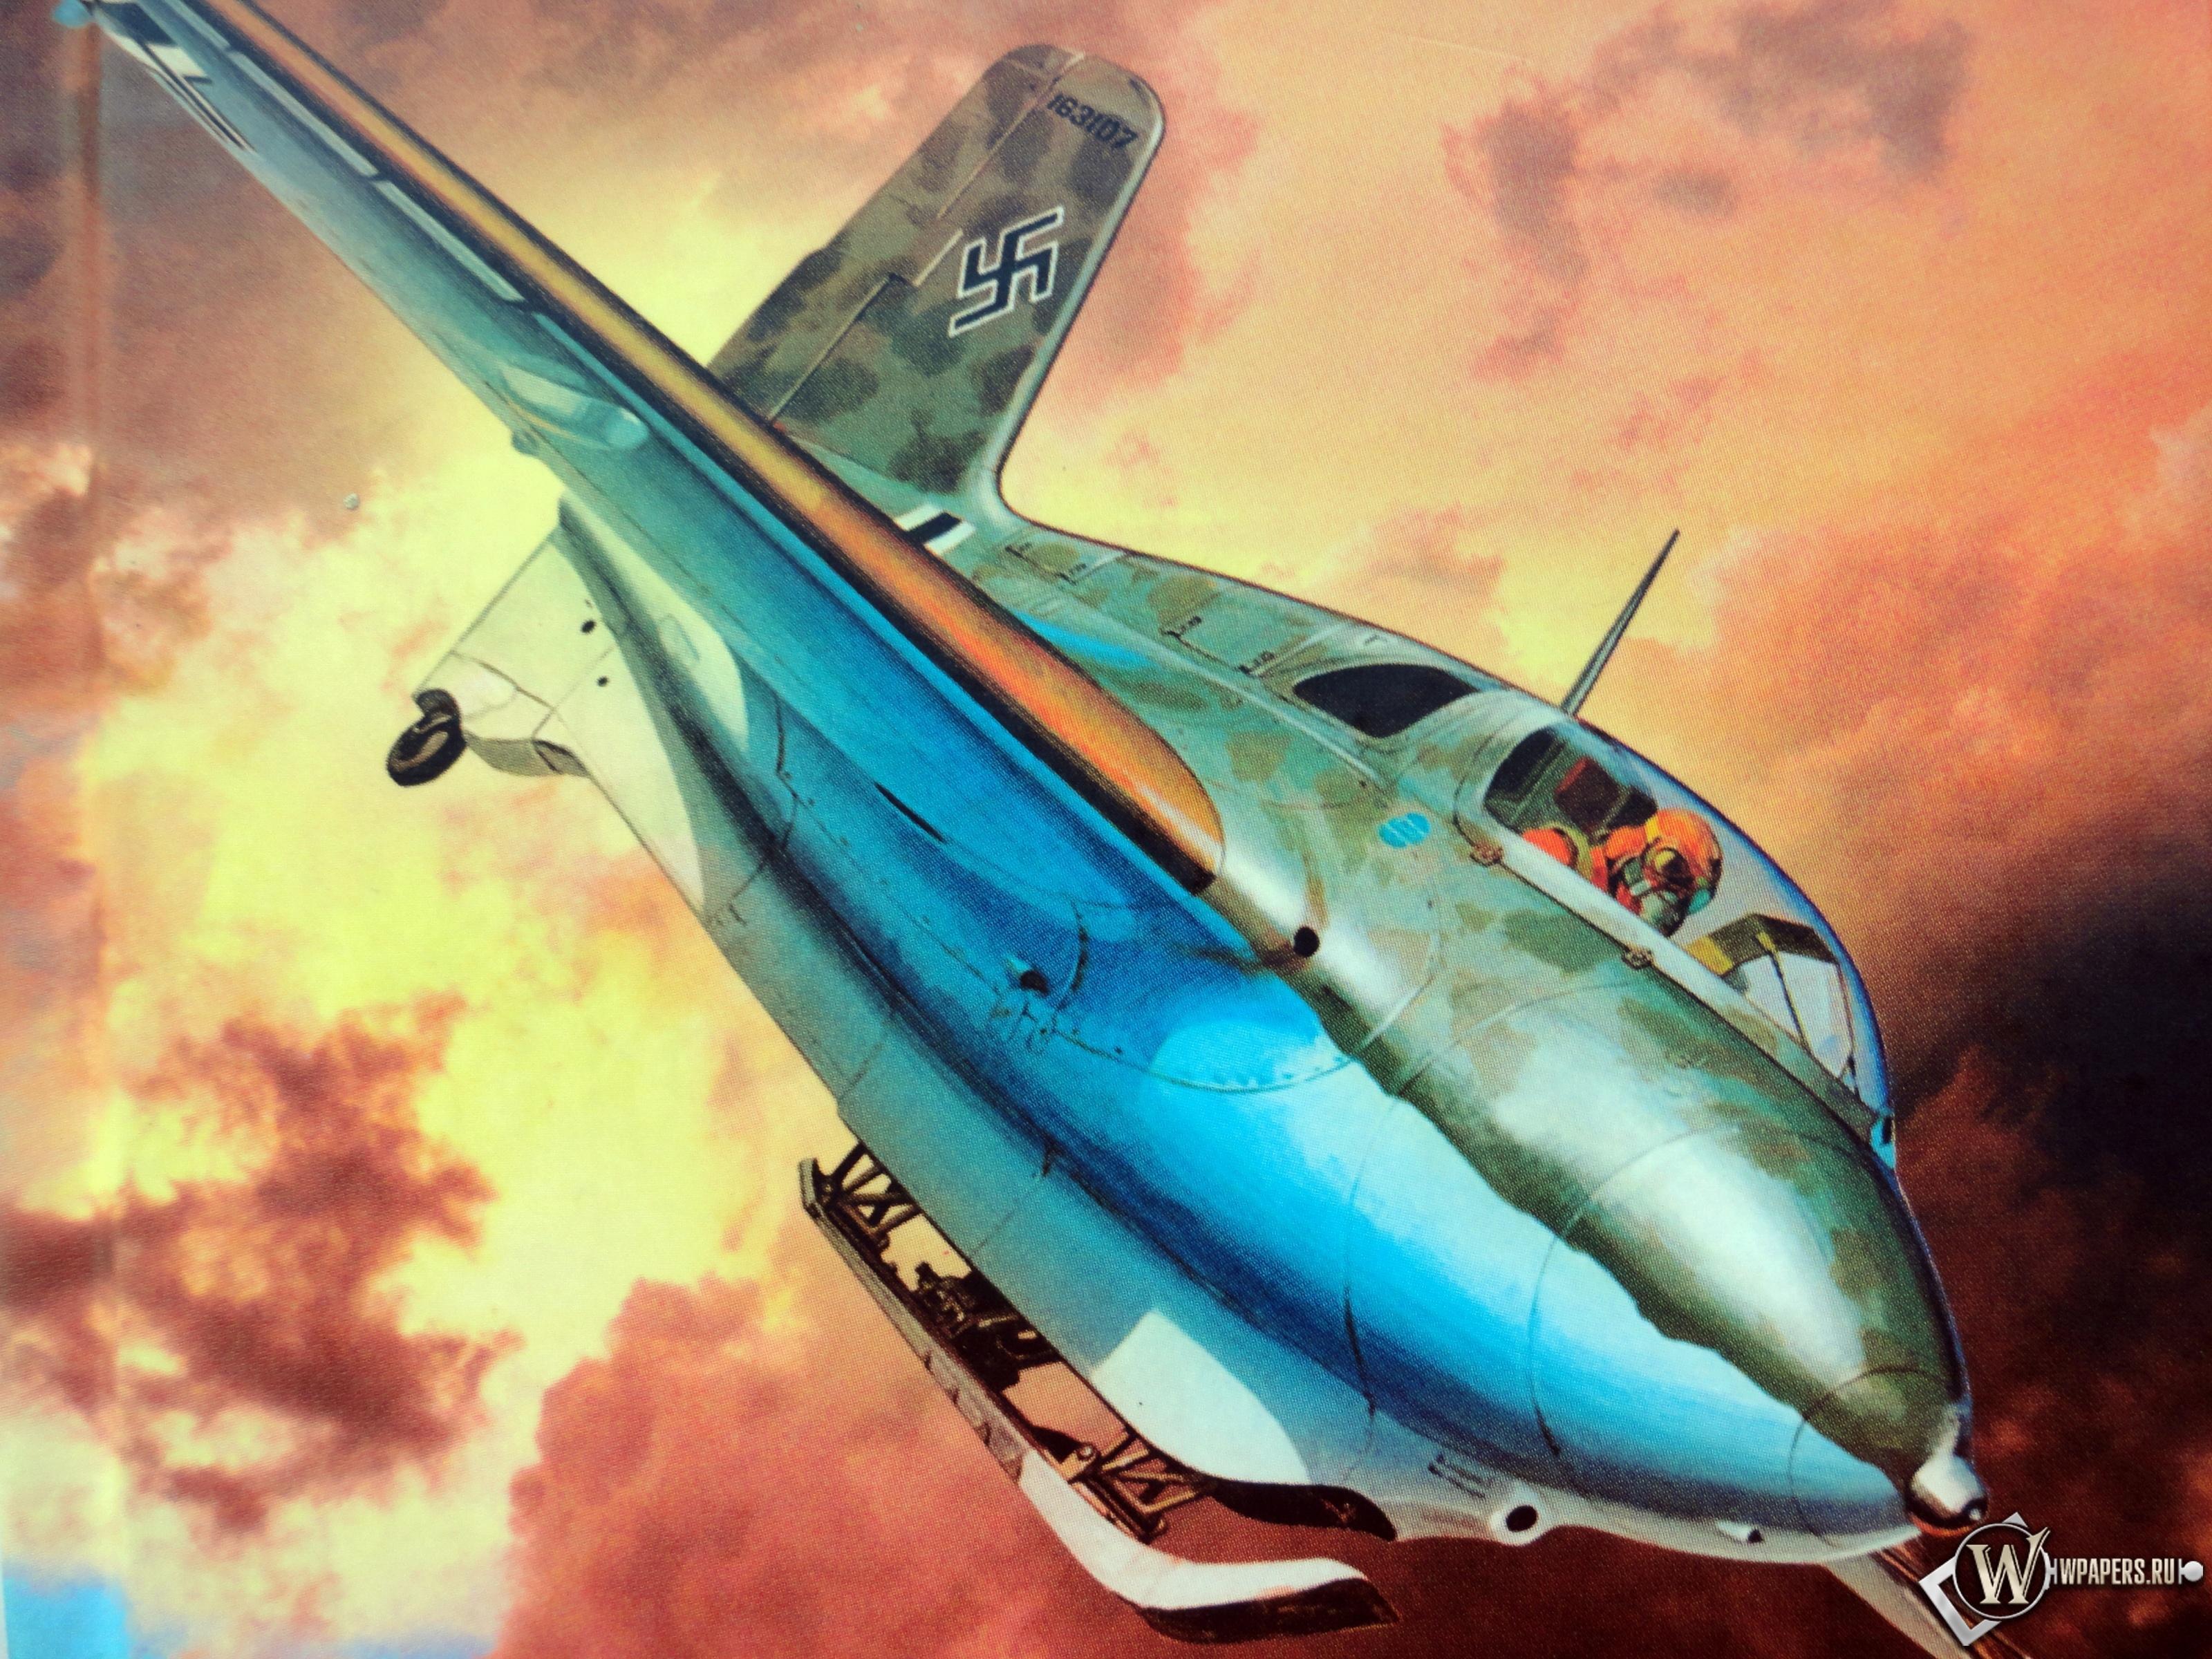 Messerschmitt Me-163B-1a 3200x2400